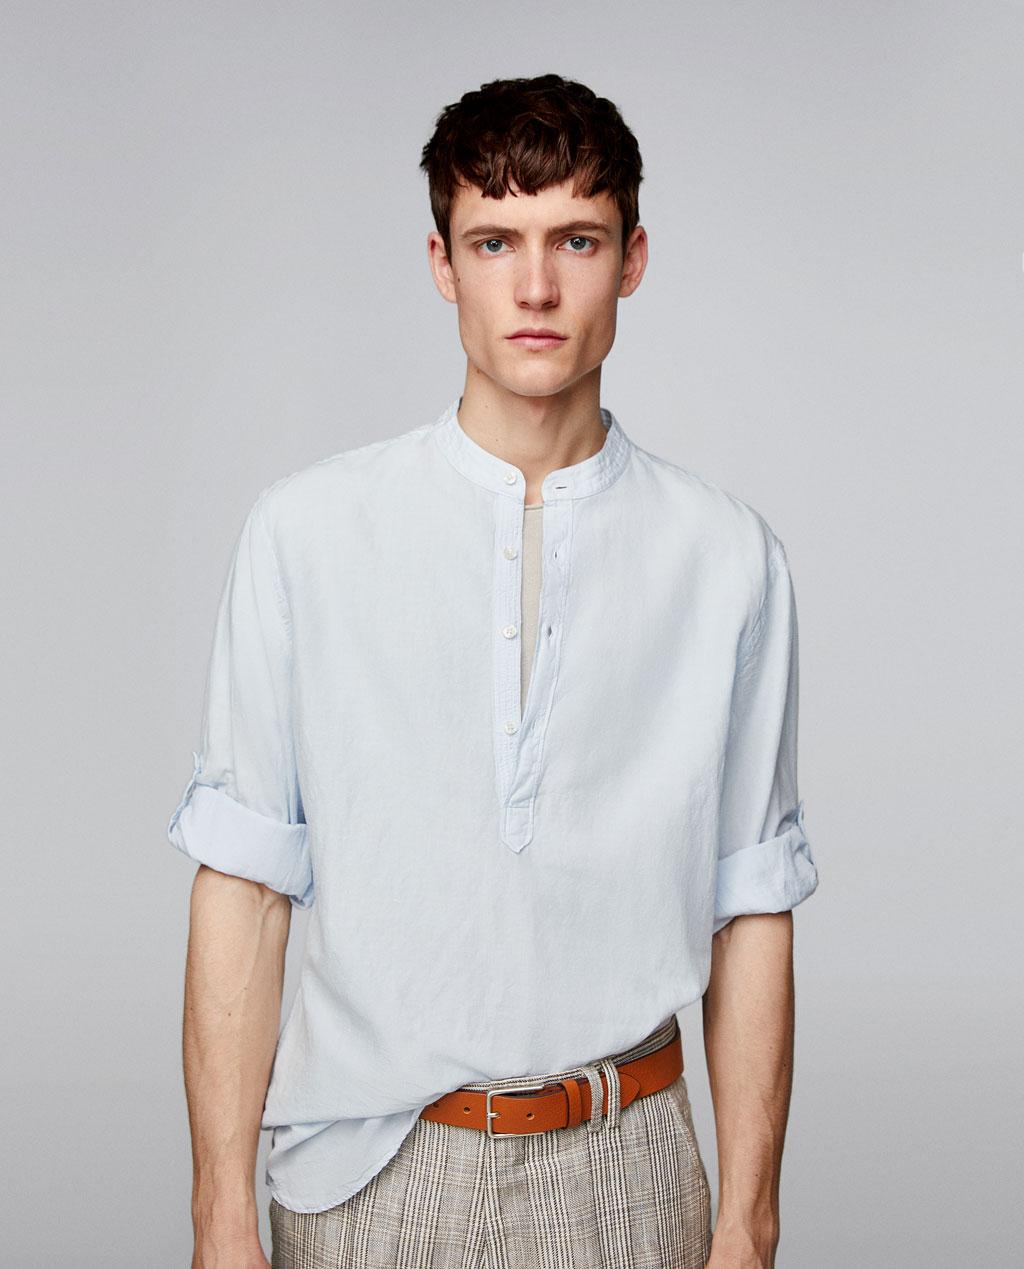 Thời trang nam Zara  23996 - ảnh 4